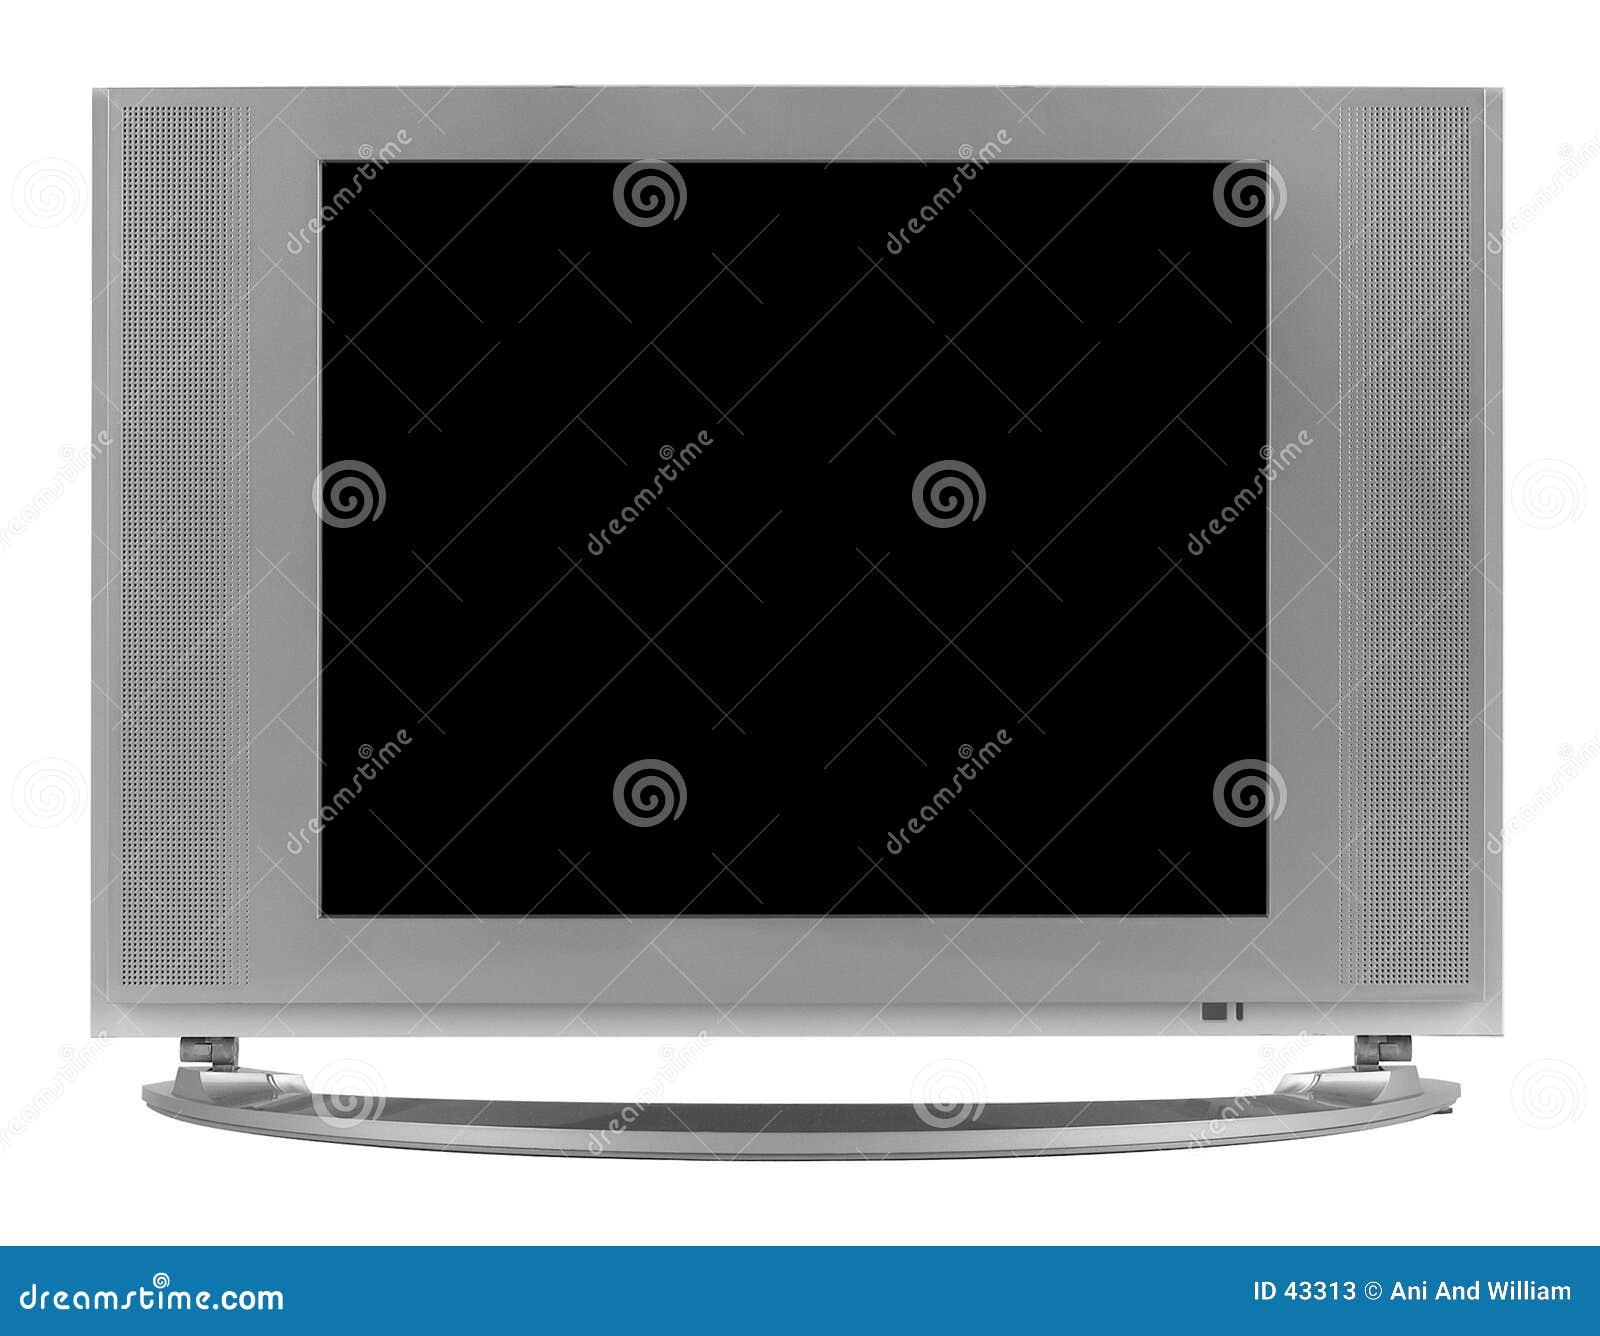 Fernsehapparat flacher Bildschirm der LCD-hoher Definition